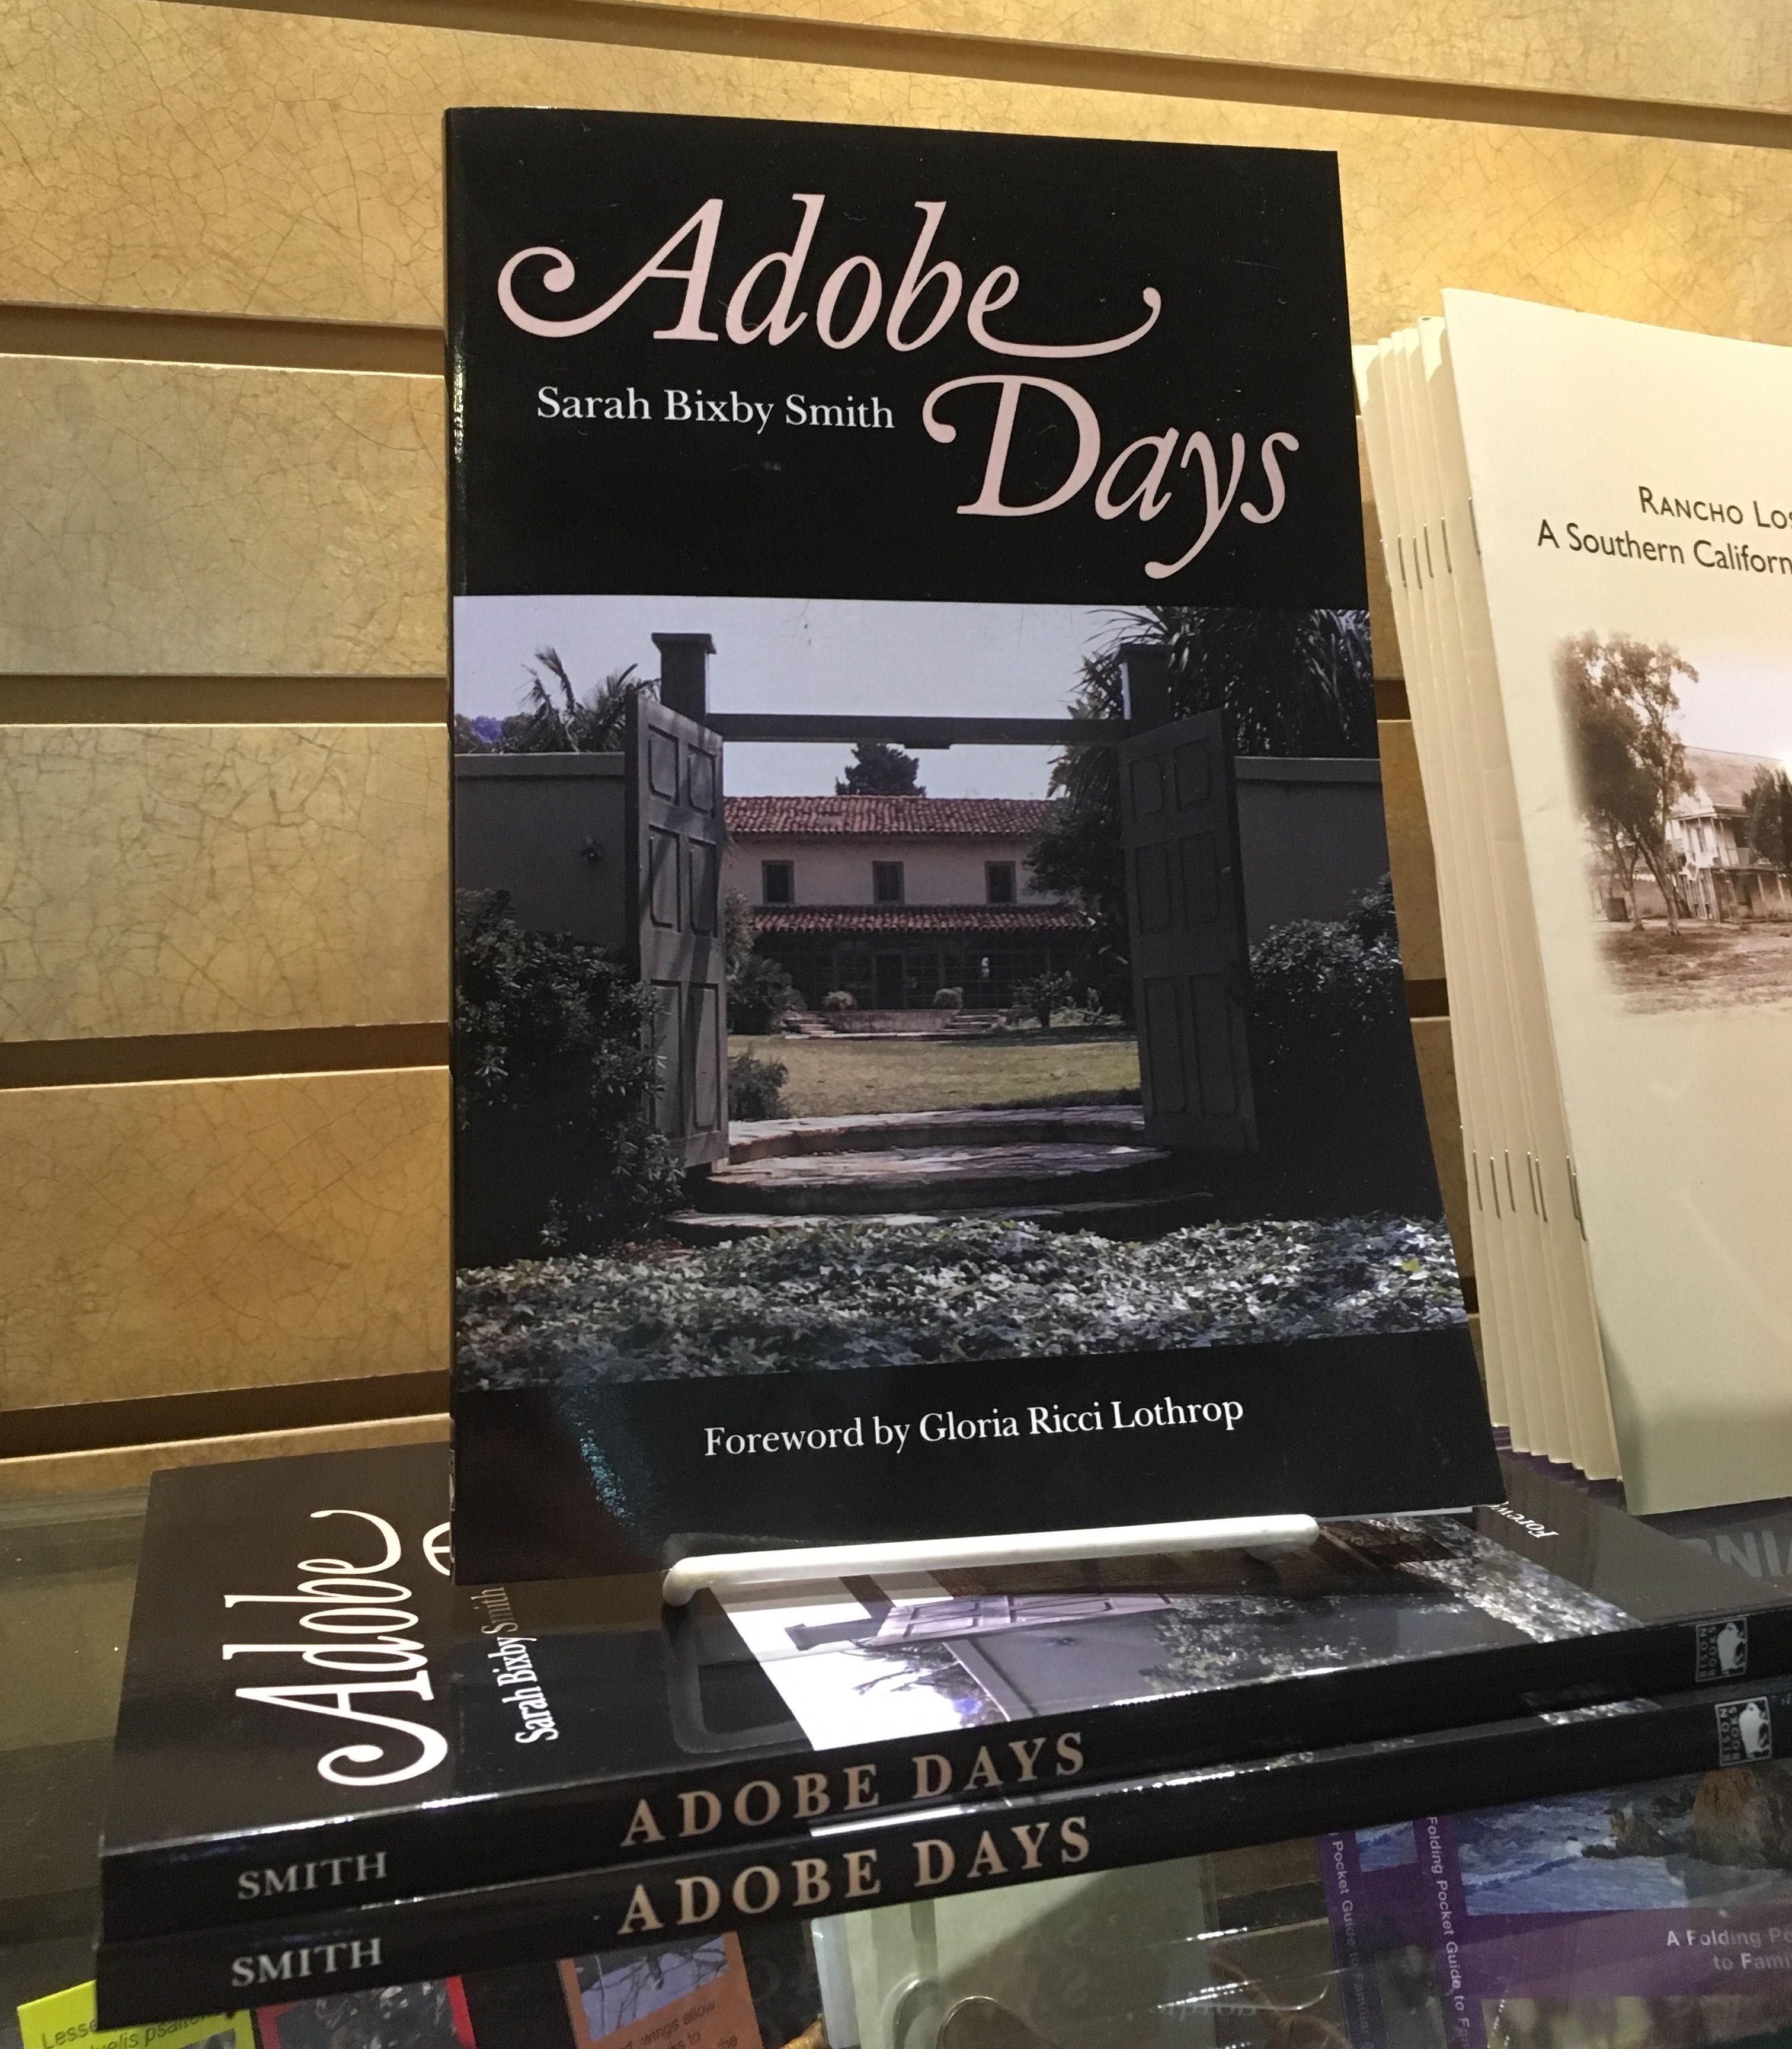 Adobe Days - book by Sarah Bixby